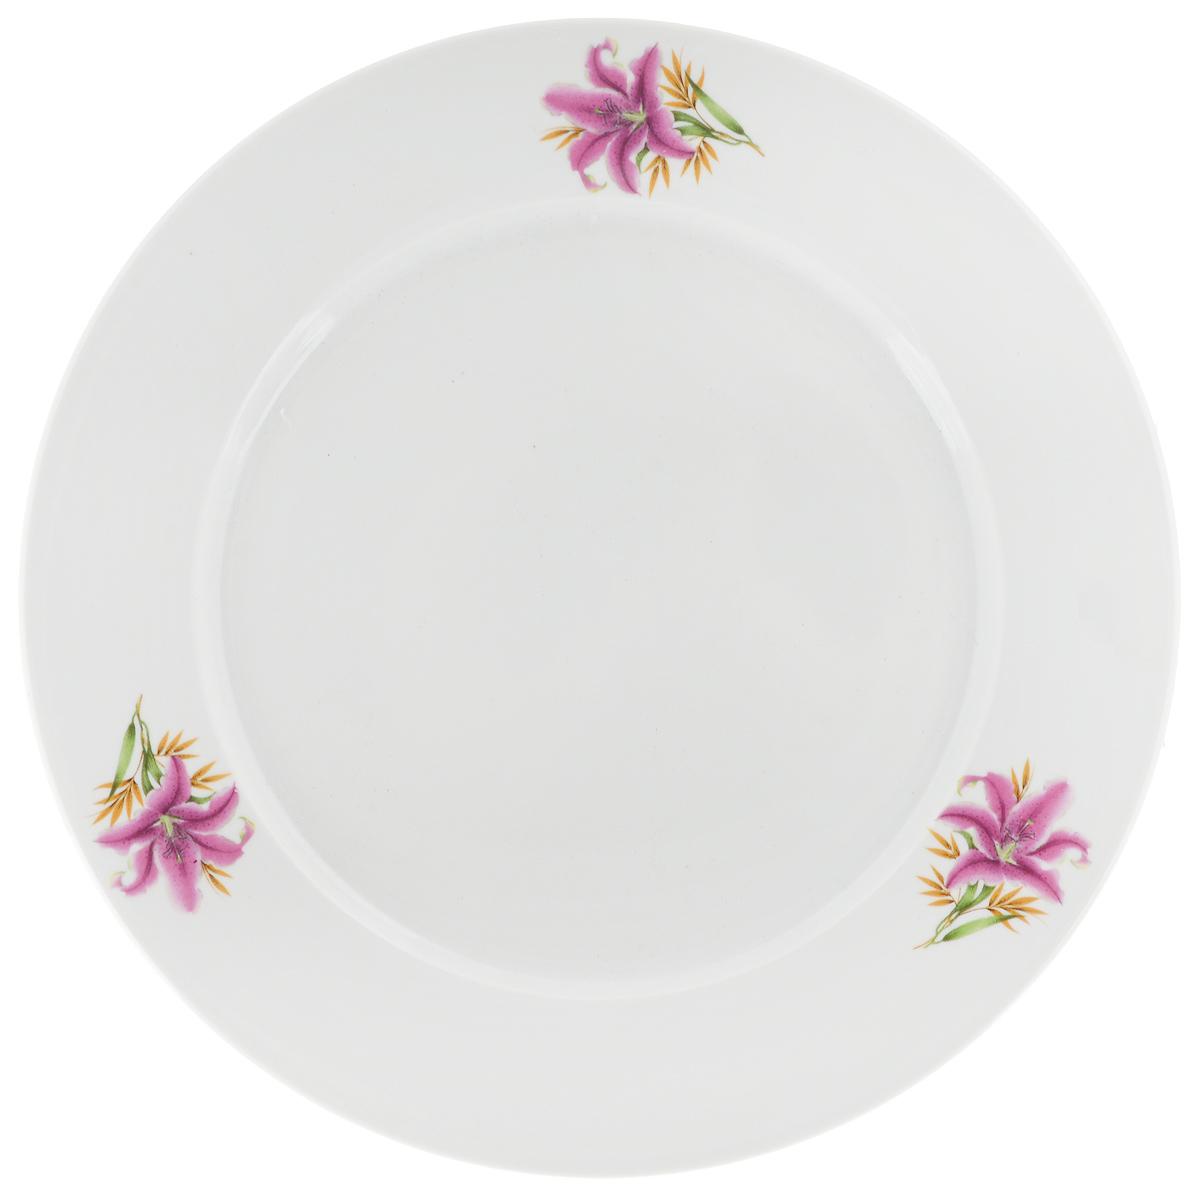 Тарелка Фарфор Вербилок Розовая лилия, диаметр 23,5 см16591990Тарелка Фарфор Вербилок Розовая лилия изготовлена из высококачественного фарфора. Изделие декорировано красочным изображением. Такая тарелка отлично подойдет в качестве блюда, она идеальна для сервировки закусок, нарезок, горячих блюд. Тарелка прекрасно дополнит сервировку стола и порадует вас оригинальным дизайном. Диаметр тарелки по верхнему краю: 20 см. Высота стенки: 2,3 см.